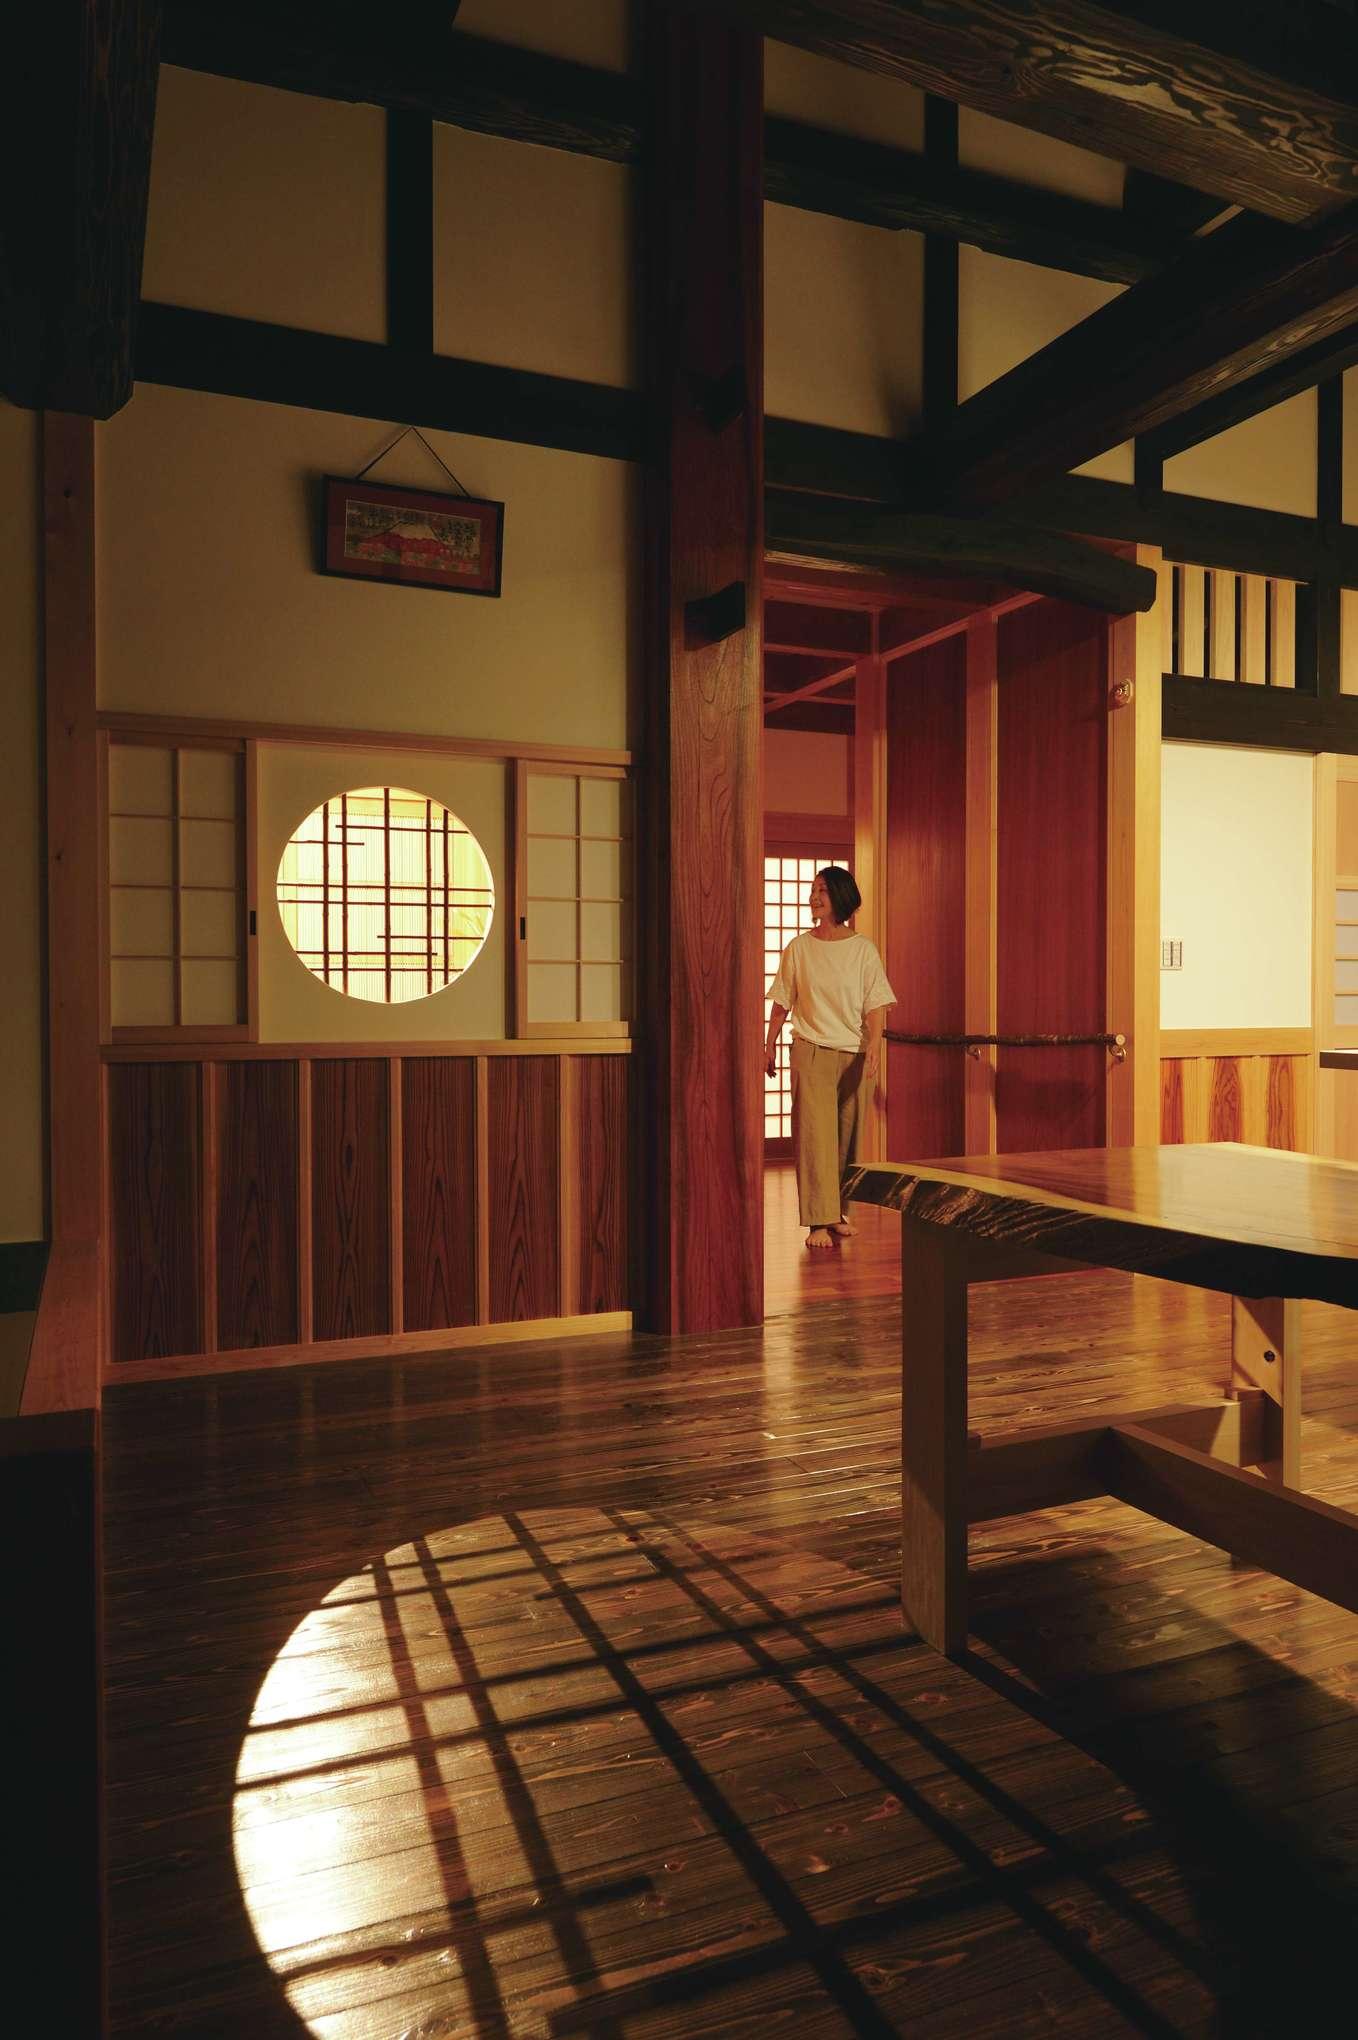 堀田建築【デザイン住宅、自然素材、夫婦で暮らす】暮らしやすい幅や高さ、光と風の通り道まで熟知した大工が、適材適所で素材を使い分けている